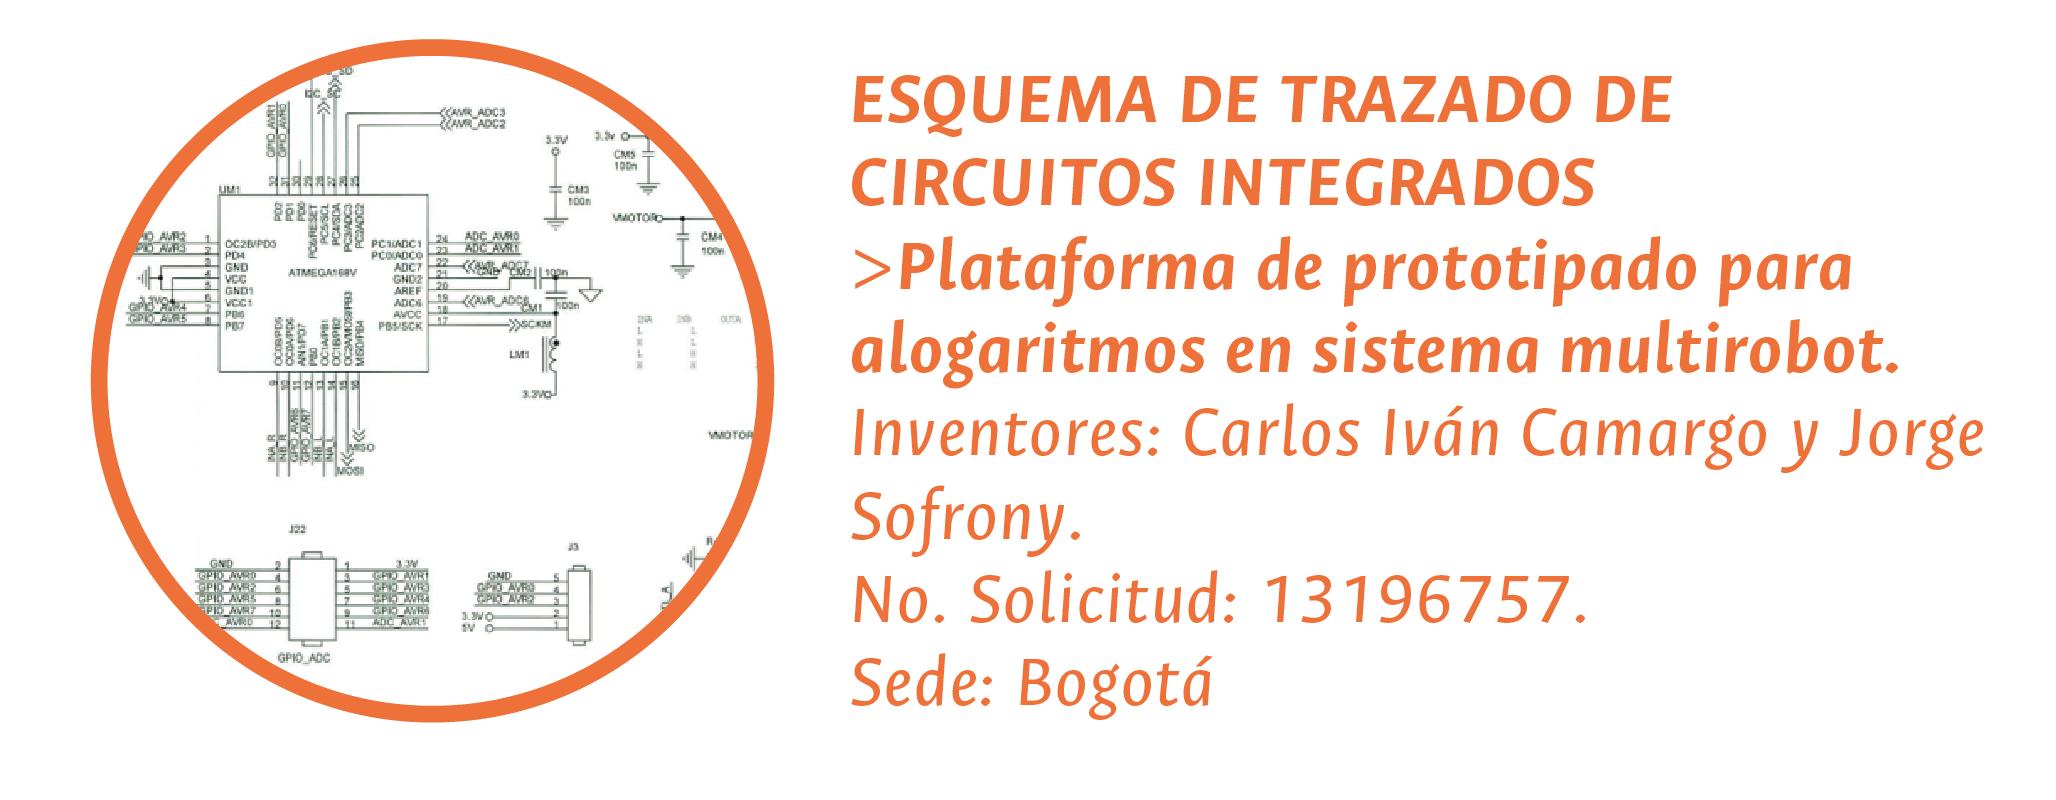 ESQUEMA DE TRAZADO DE CIRCUITOS INTEGRADOS > «Plataforma de prototipado para alogaritmos en sistema multirobot». Inventores: Carlos Iván Camargo y Jorge Sofrony. No. Solicitud: 13196757. Sede: Bogotá